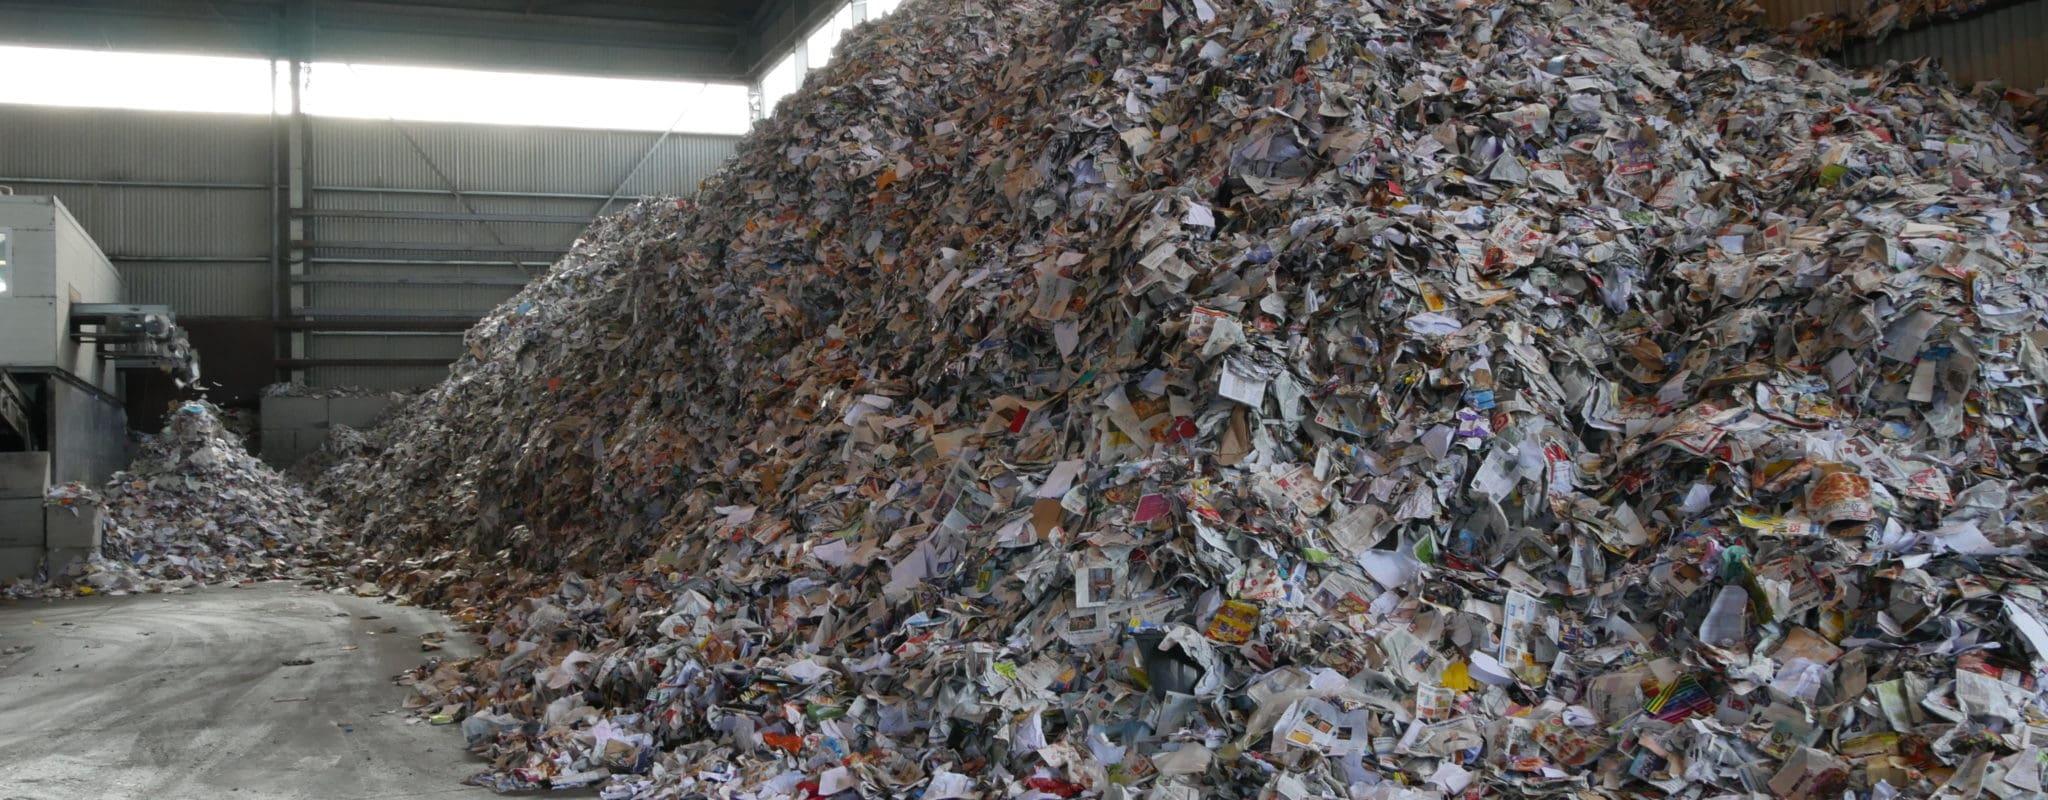 Luxembourg, Allemagne, Slovaquie… Où partent les déchets des Strasbourgeois?